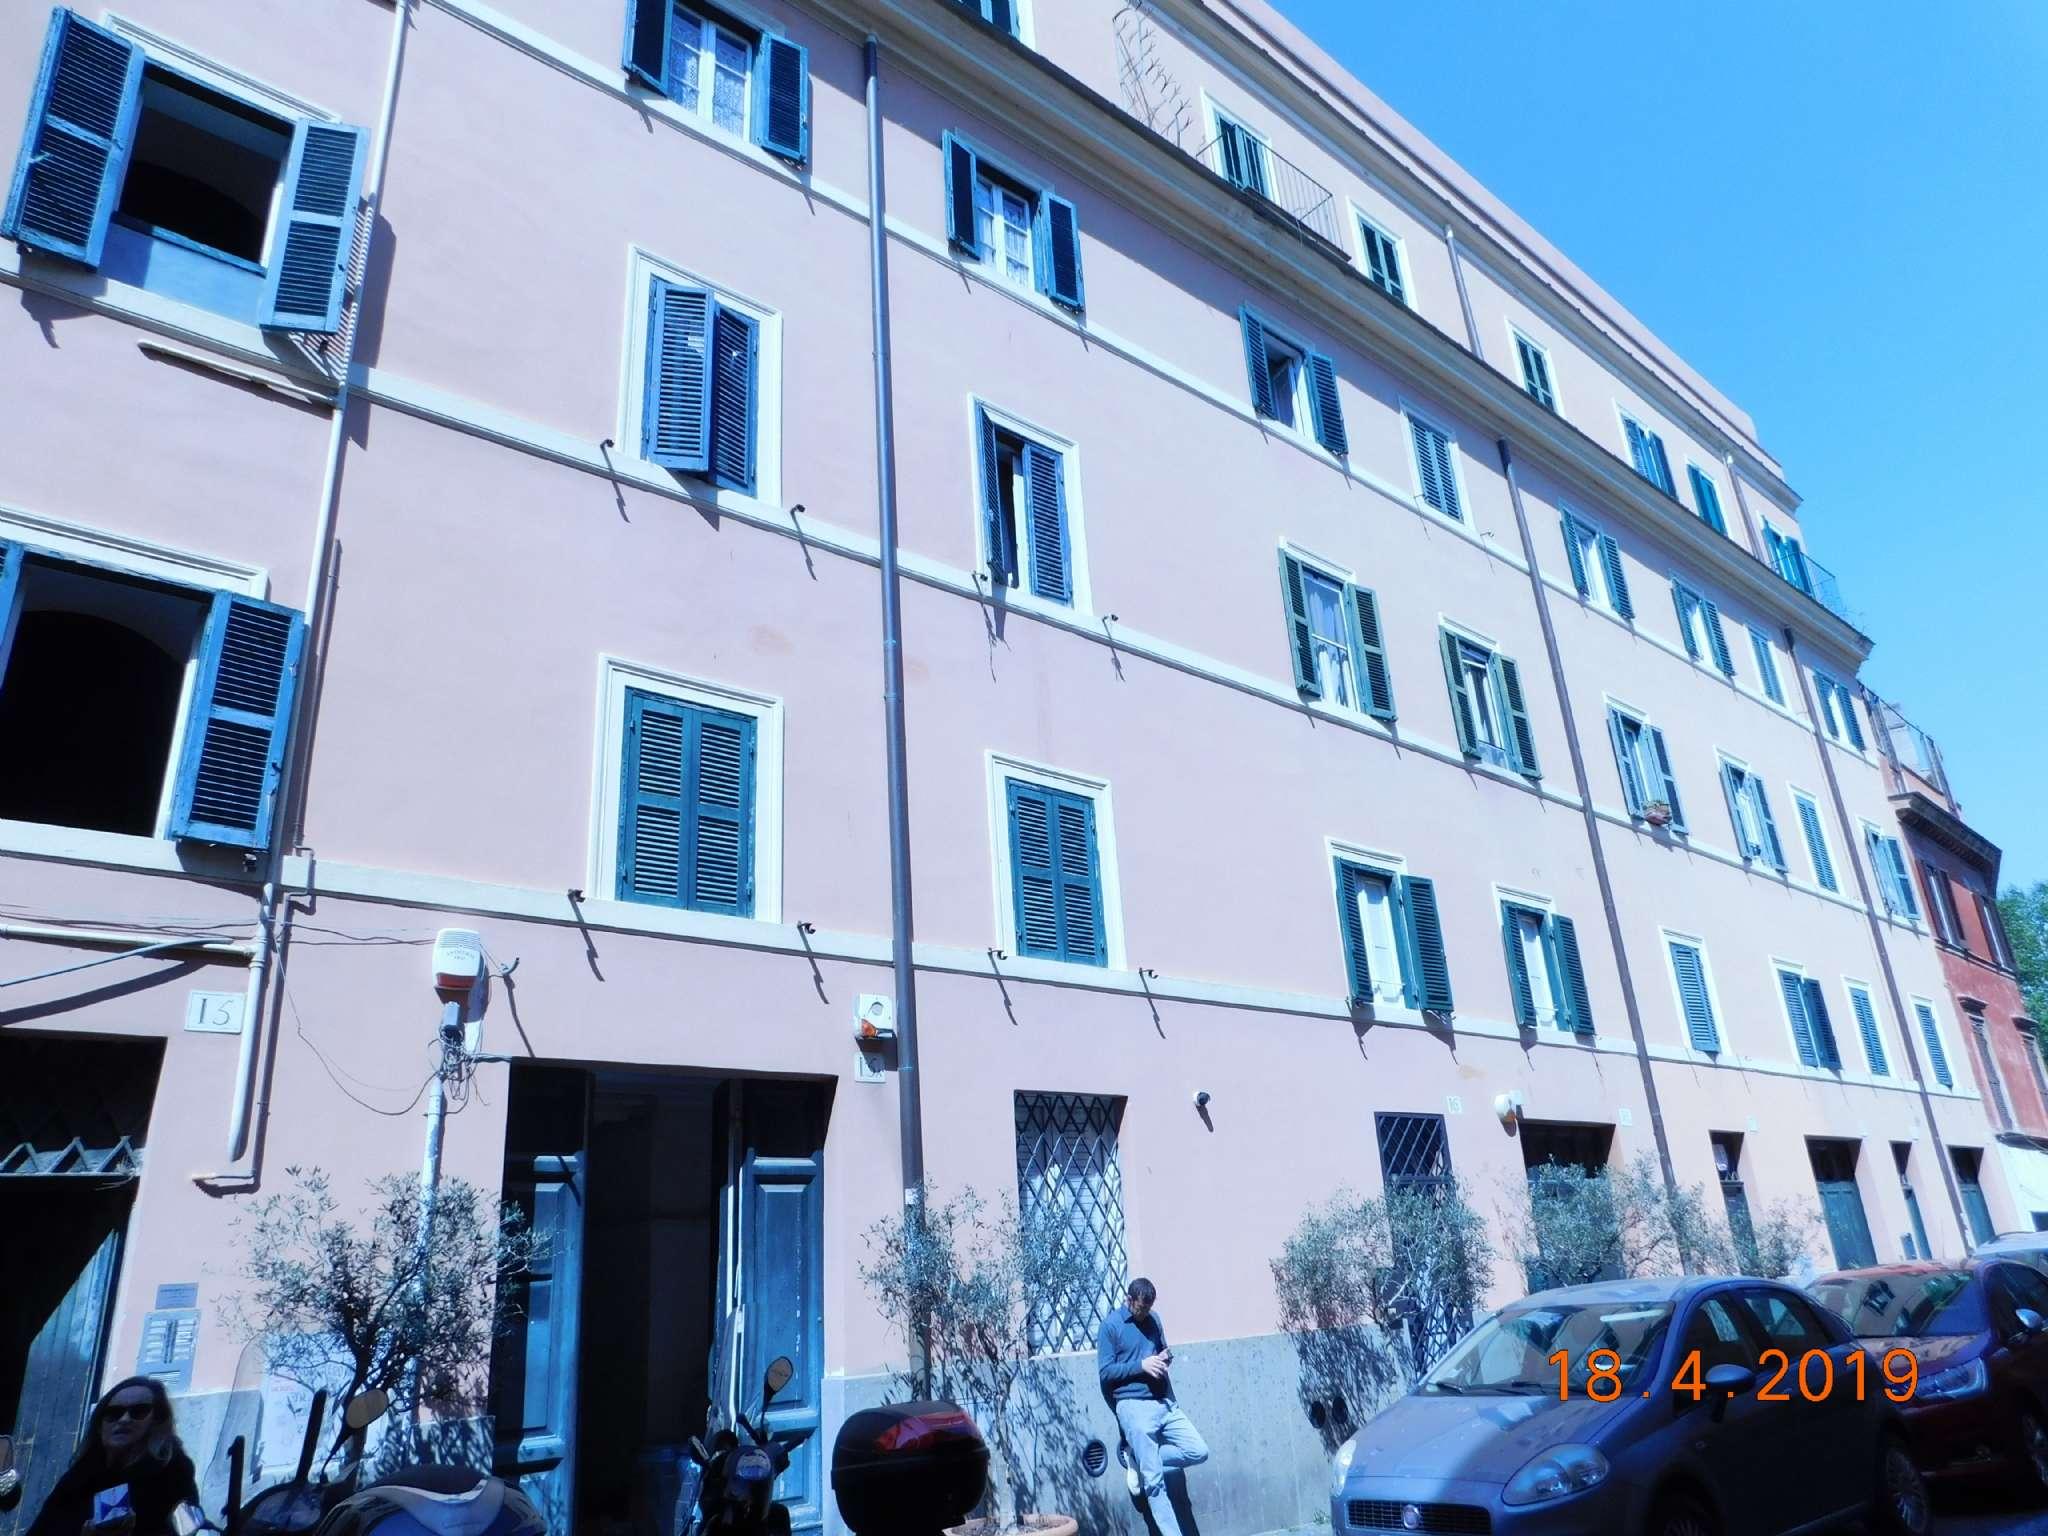 Appartamento in vendita a Roma, 2 locali, zona Zona: 25 . Trastevere - Testaccio, prezzo € 320.000 | CambioCasa.it